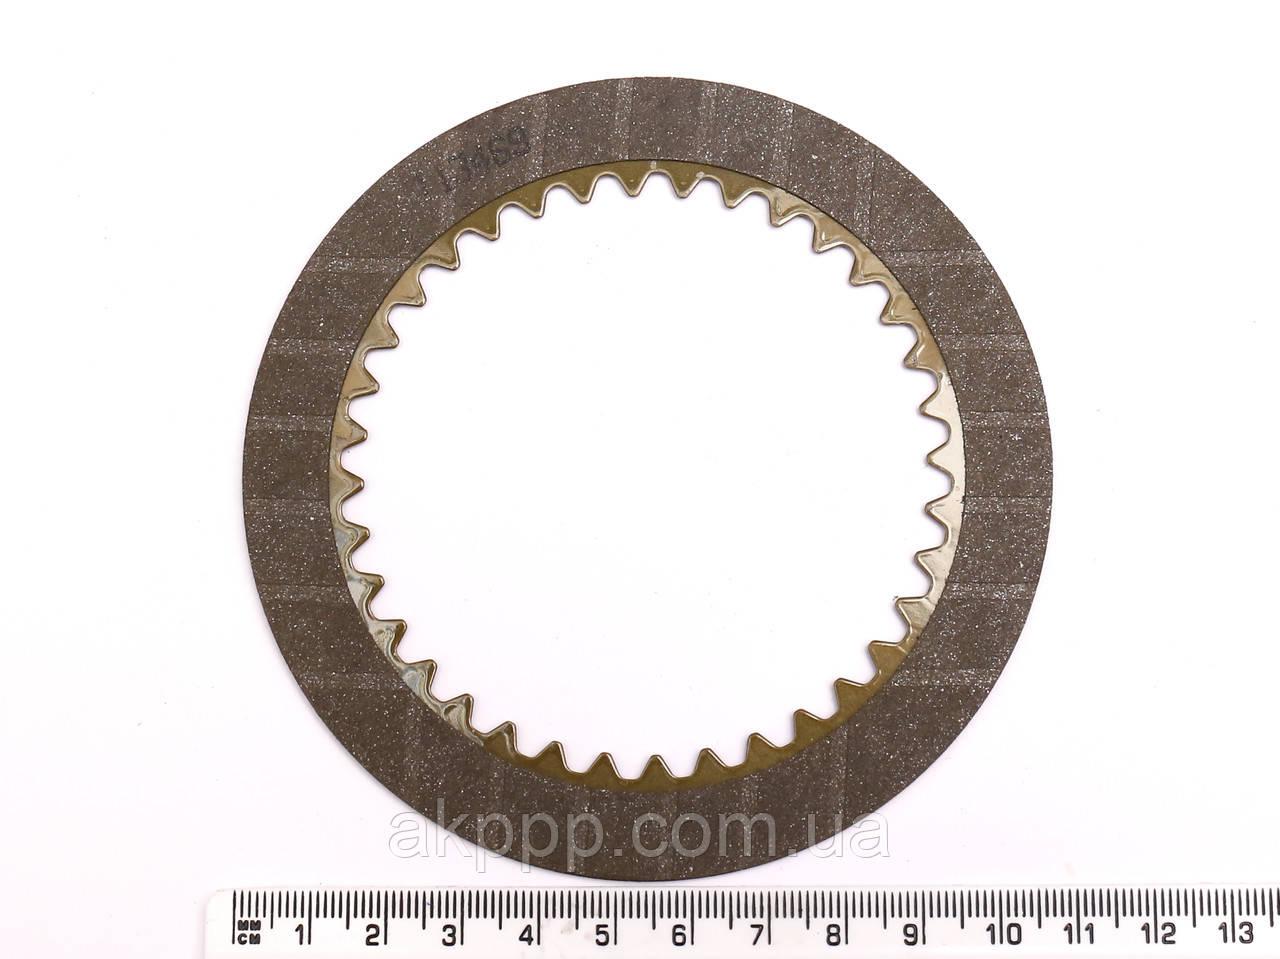 Фрикціон диск зчеплення акпп 722.4, W4A020